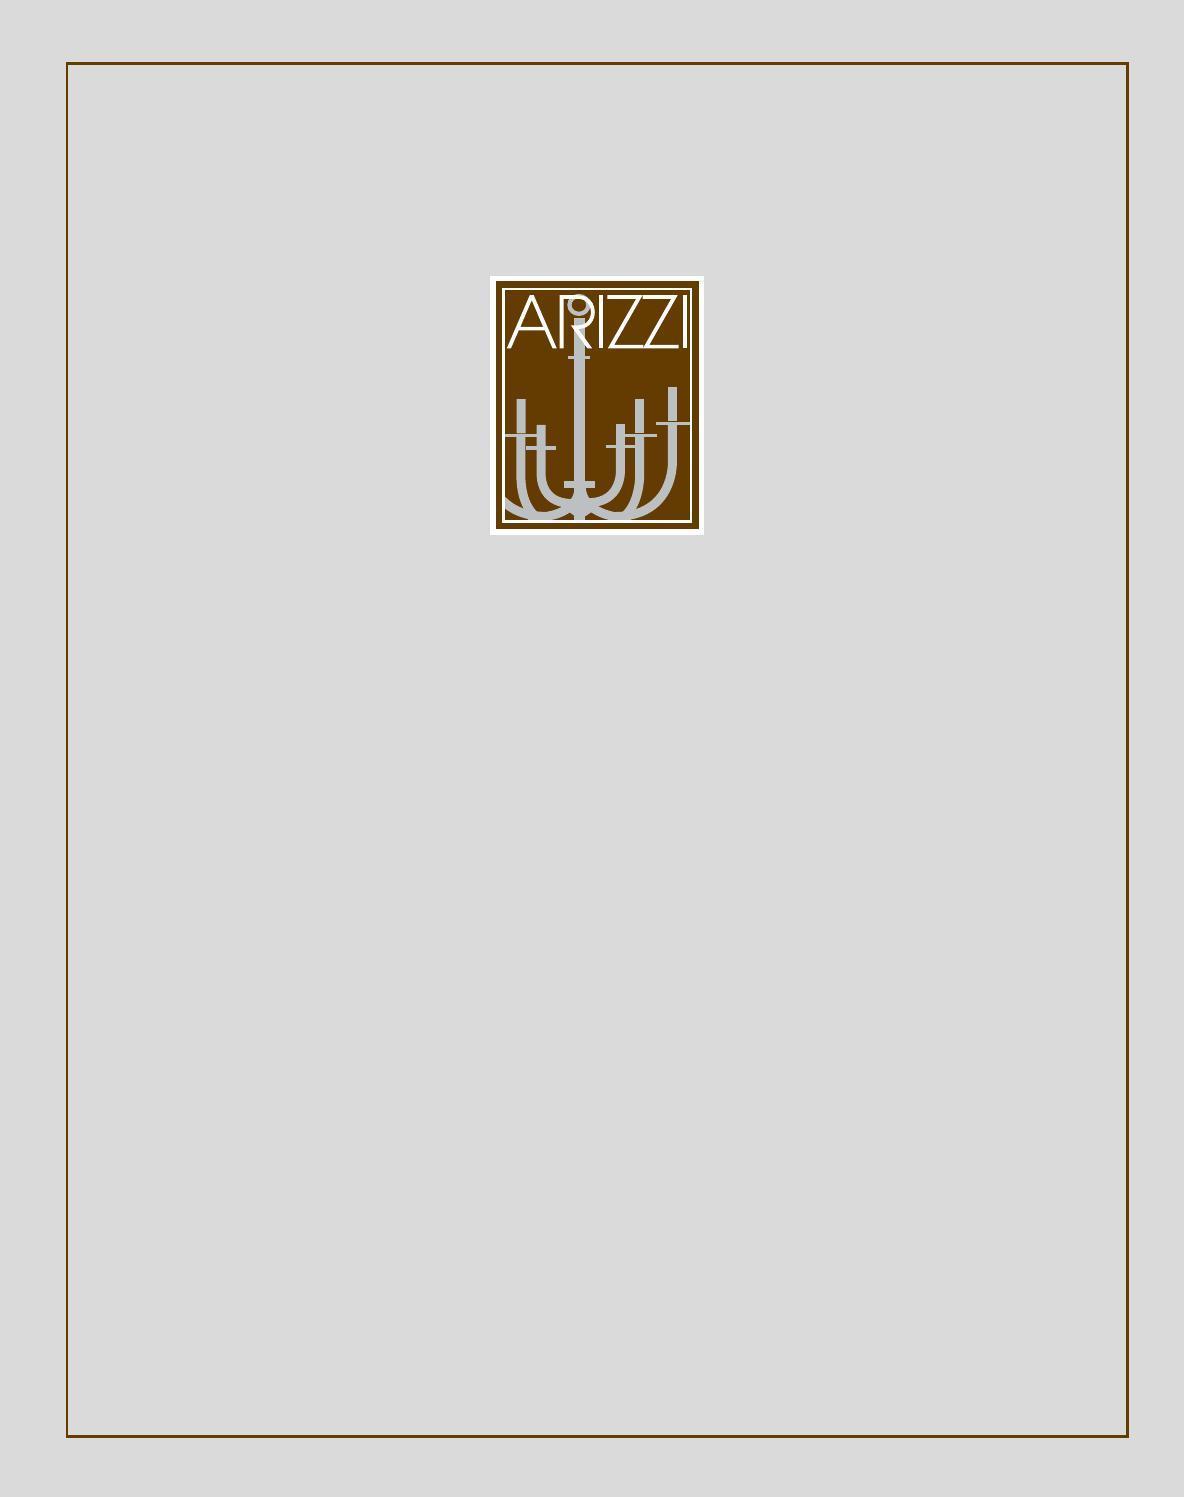 Arizzi Lighting_2014年欧美:Arizzi Lighting 2014年灯饰灯具设计书籍目录。主要介绍水晶球灯、蜡烛吊灯、水晶灯、铜管灯、水晶蜡烛吊灯、壁灯、过道灯、落地灯、欧式灯、台灯、古典灯等。_工艺品设计素材_闽南工艺品网